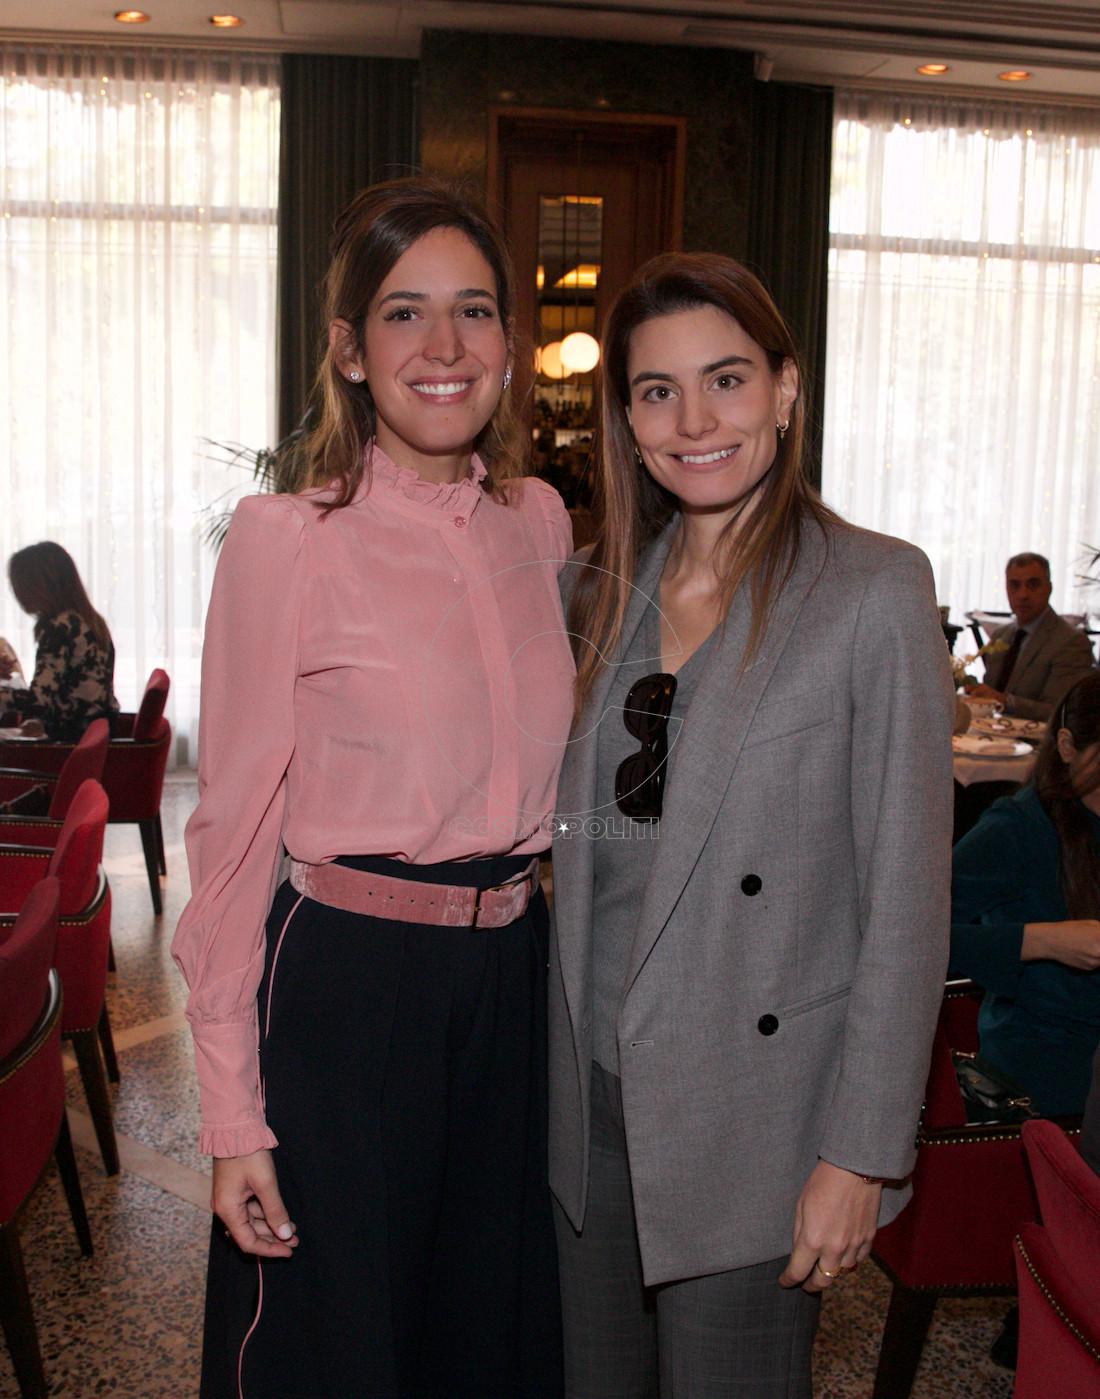 Μαρία Παπαθανασίου Αρώνες, Λάουρα Λαλαούνη